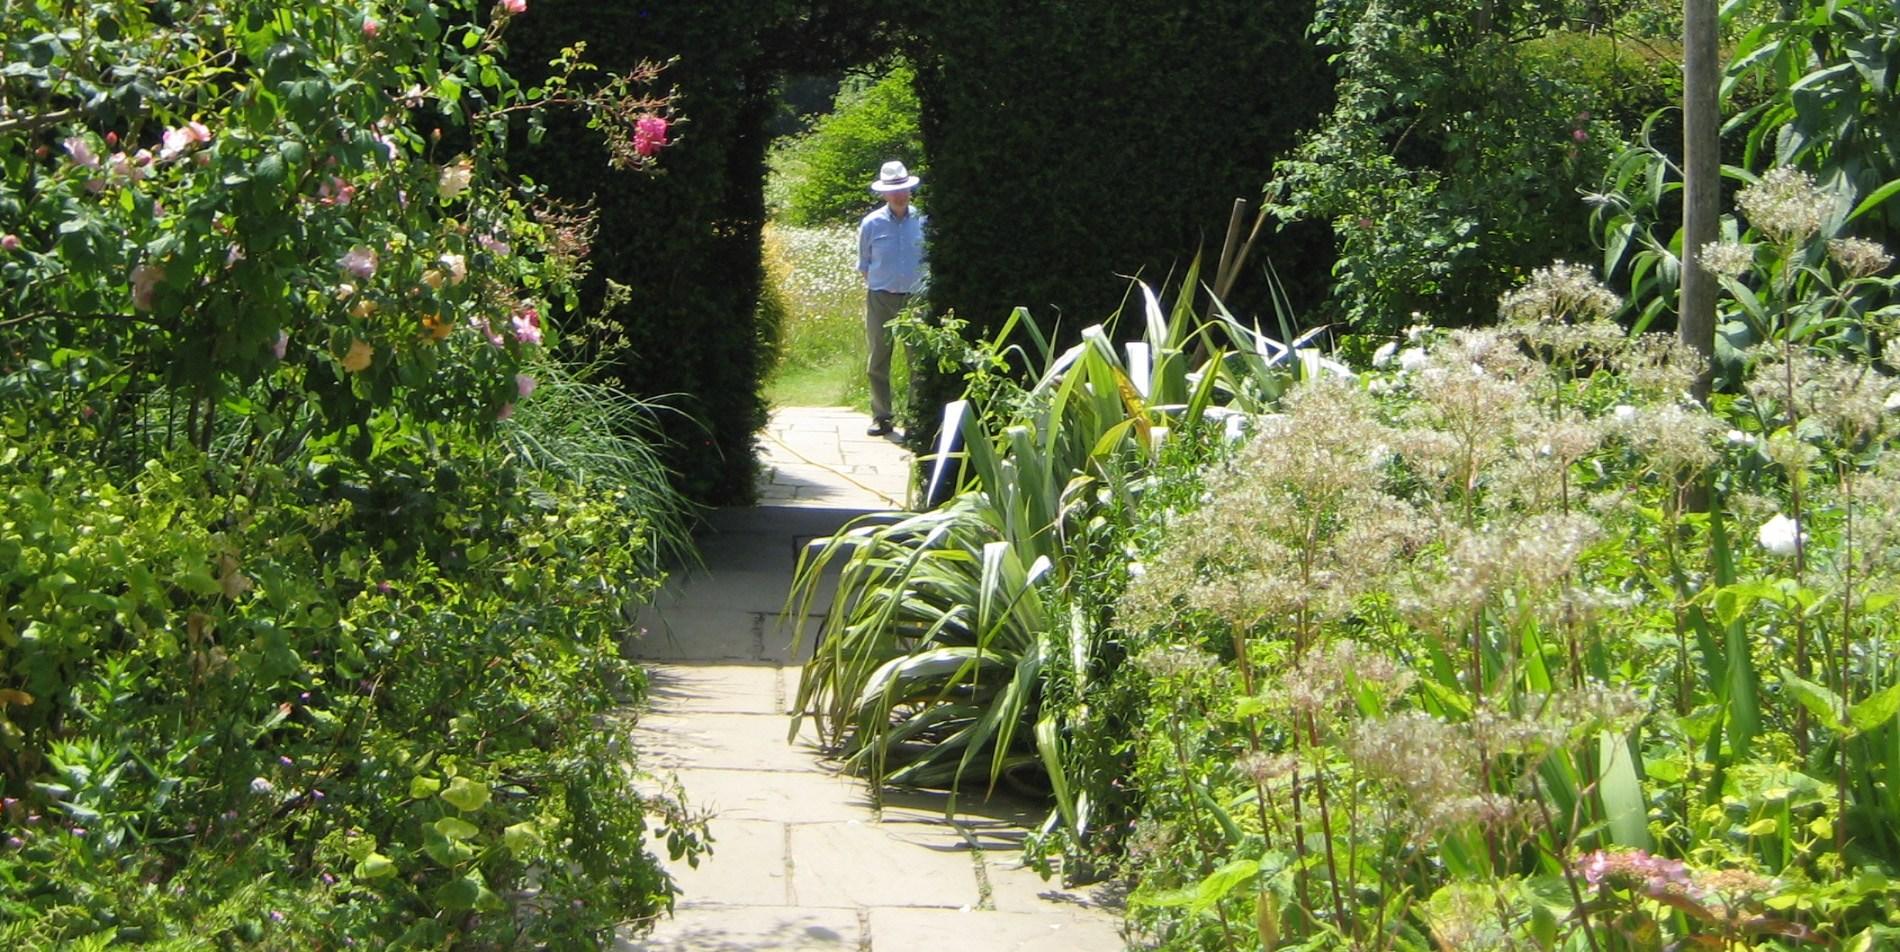 foto van een oude man, wandelend in mooie tuin